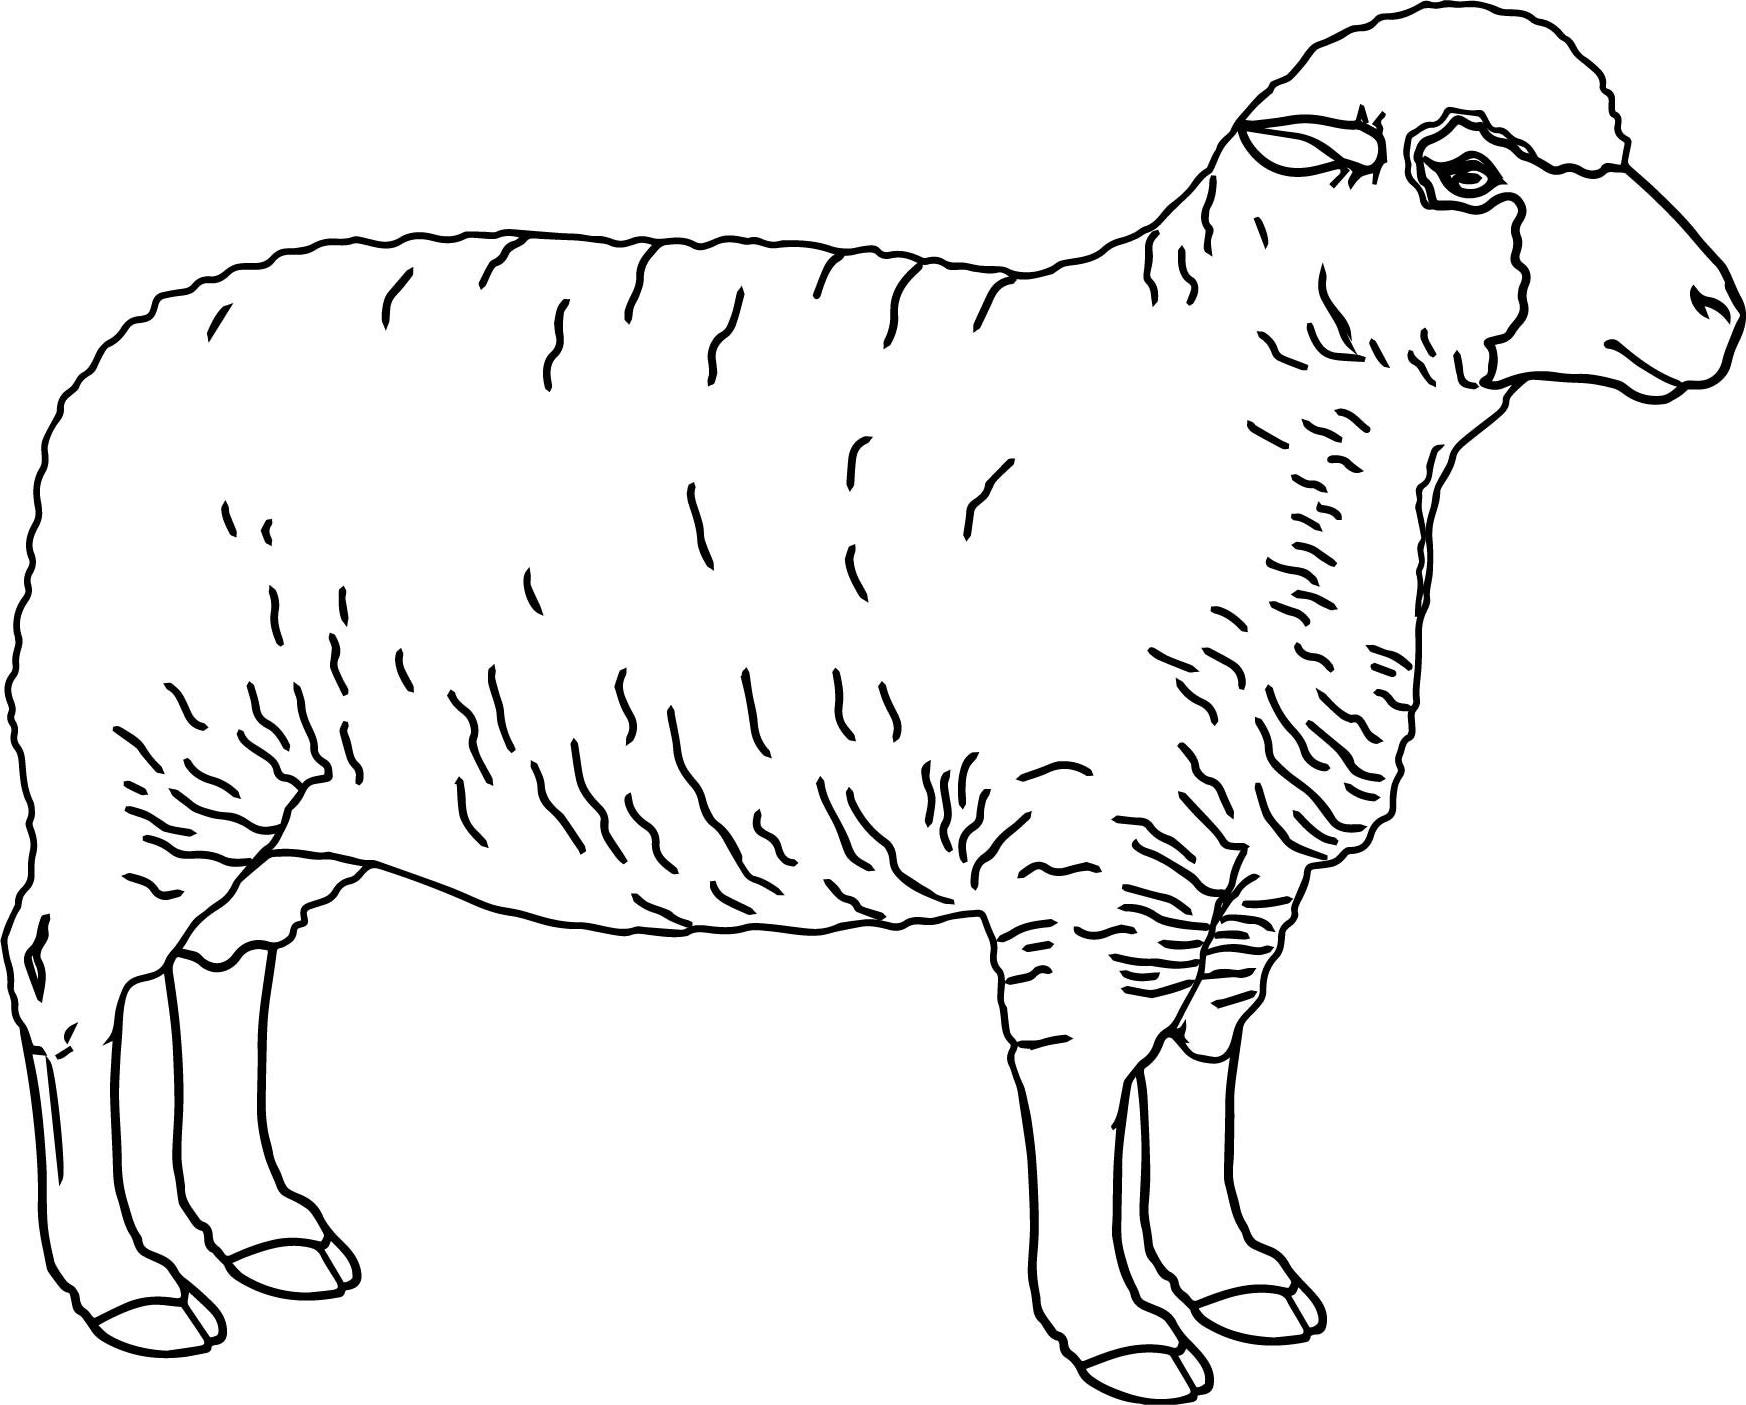 √14+ Gambar Mewarnai Domba Untuk Tk, Paud, Sd inside Gambar Domba Sketsa